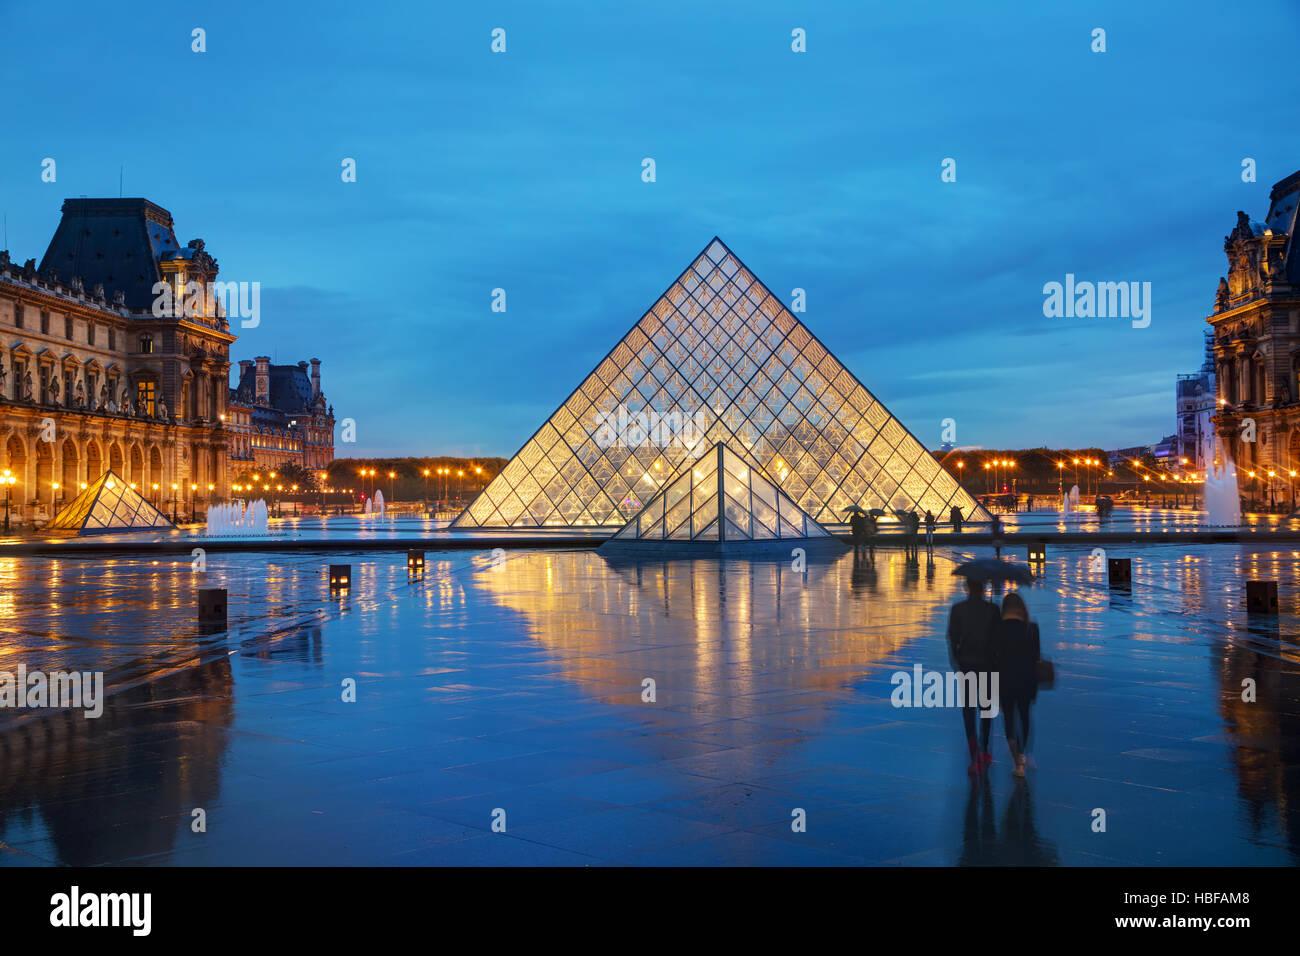 París - 4 de noviembre: La Pirámide del Louvre el 4 de noviembre de 2016 en París, Francia. Sirve Imagen De Stock